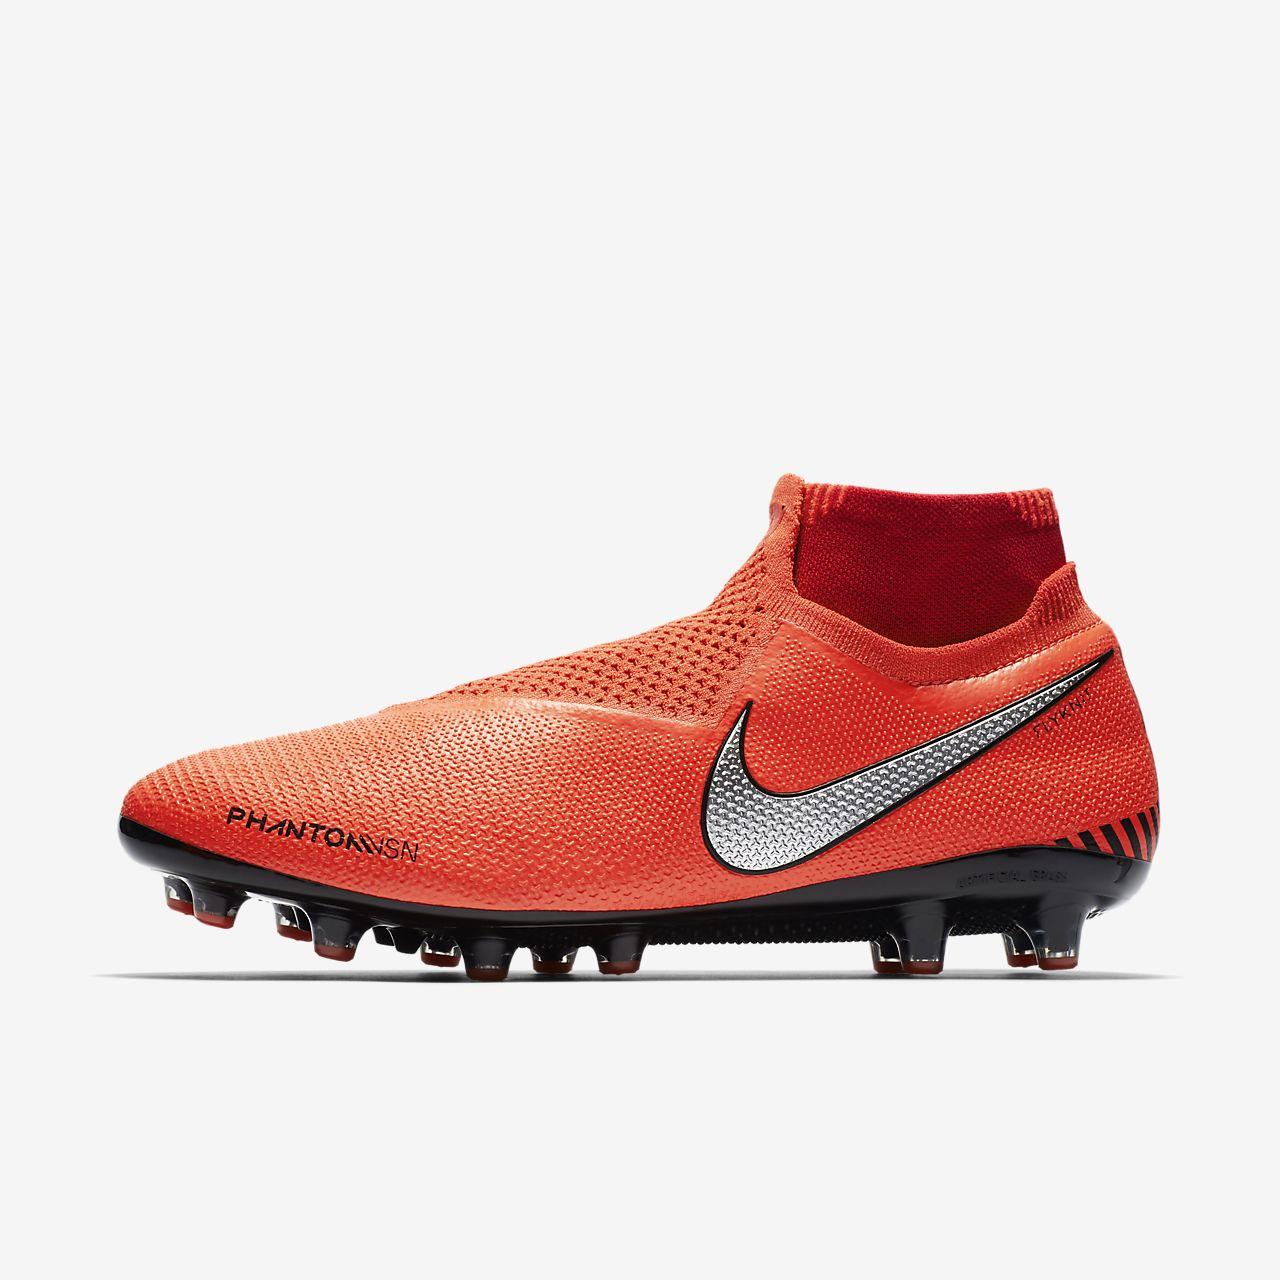 Calzado de fútbol para pasto artificial Nike Phantom Vision Elite Dynamic  Fit 14b0b431d8d3e